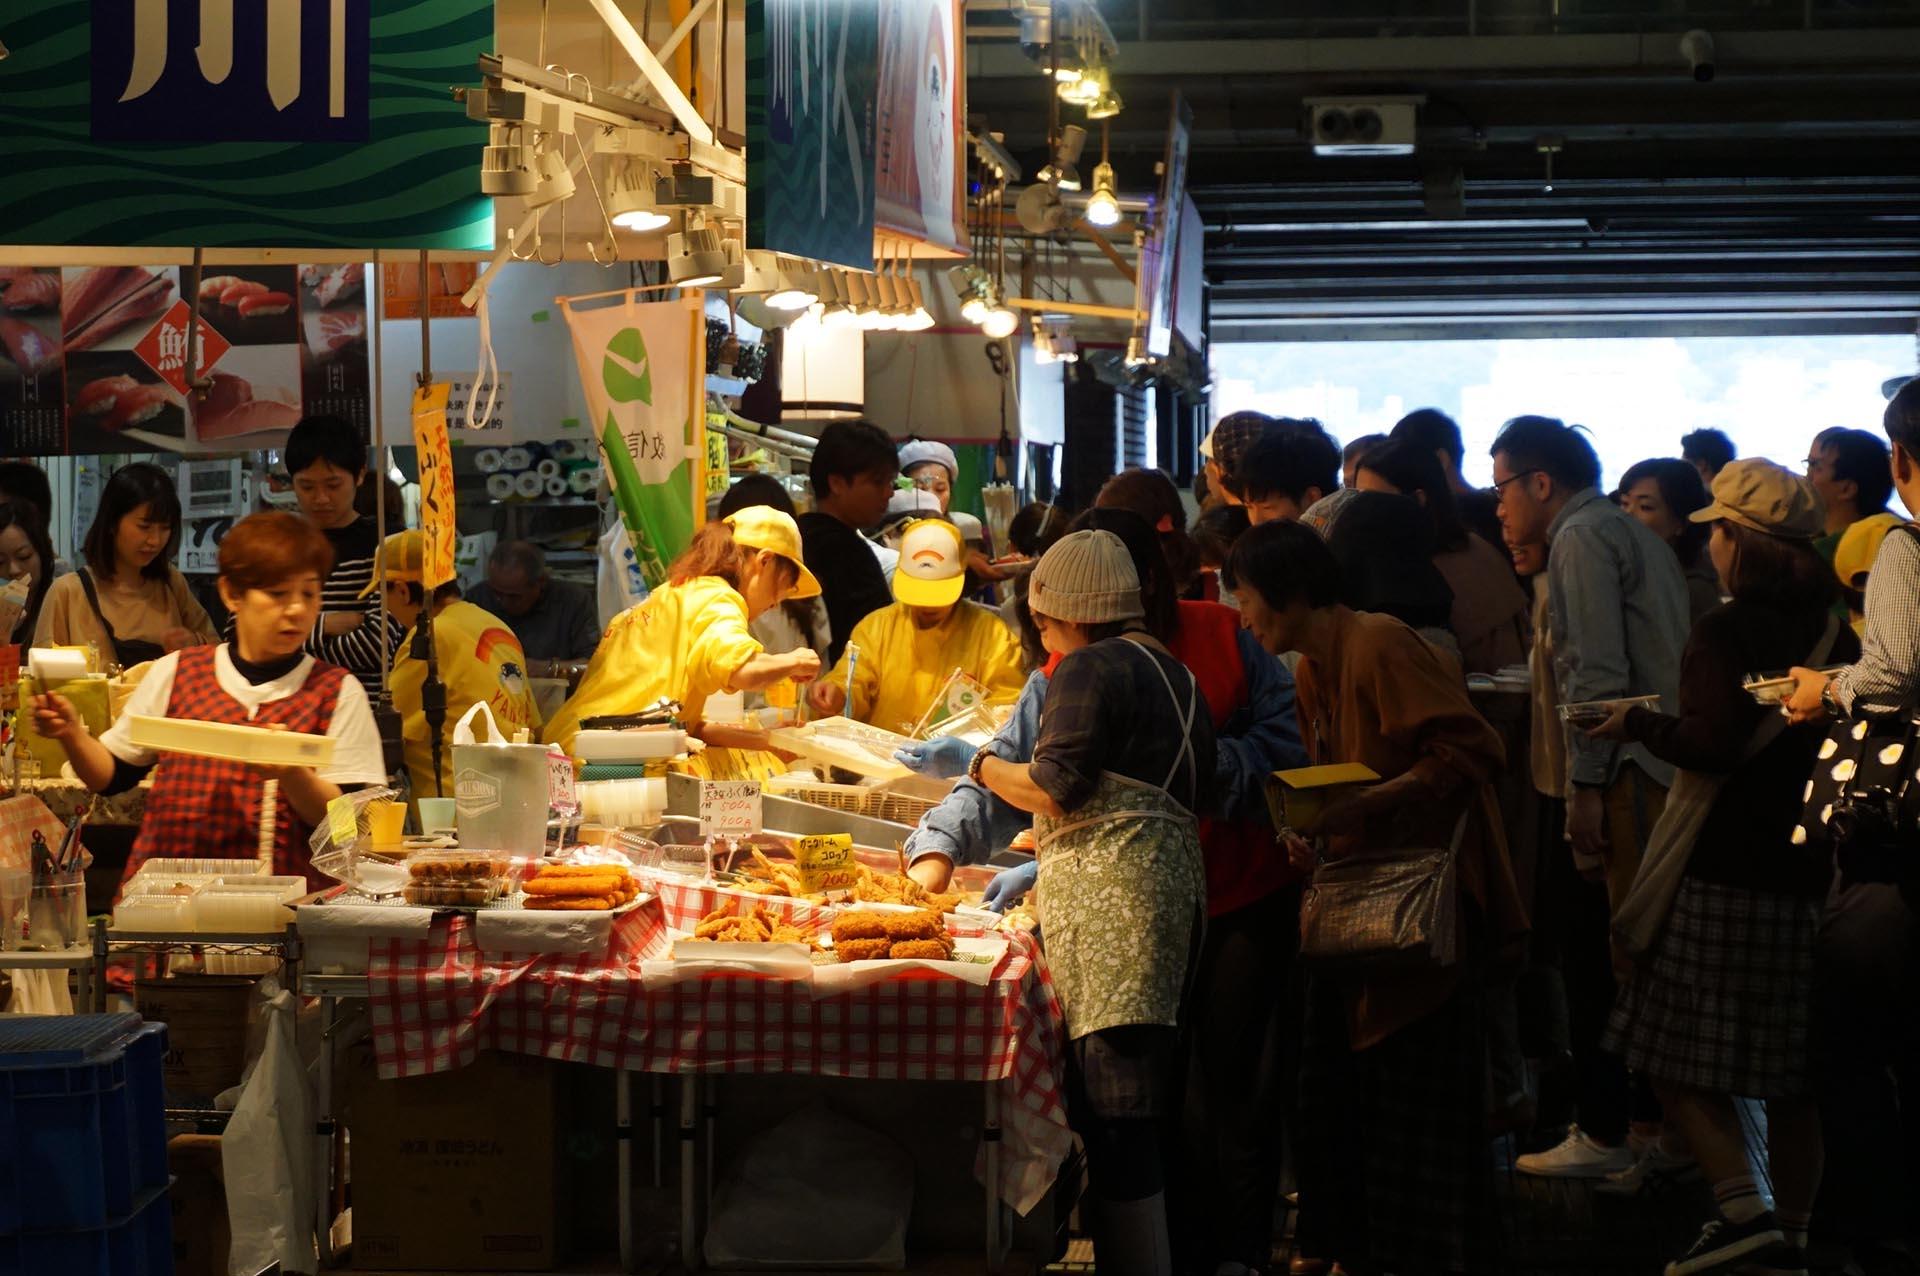 唐戸市場の活きいき馬関街